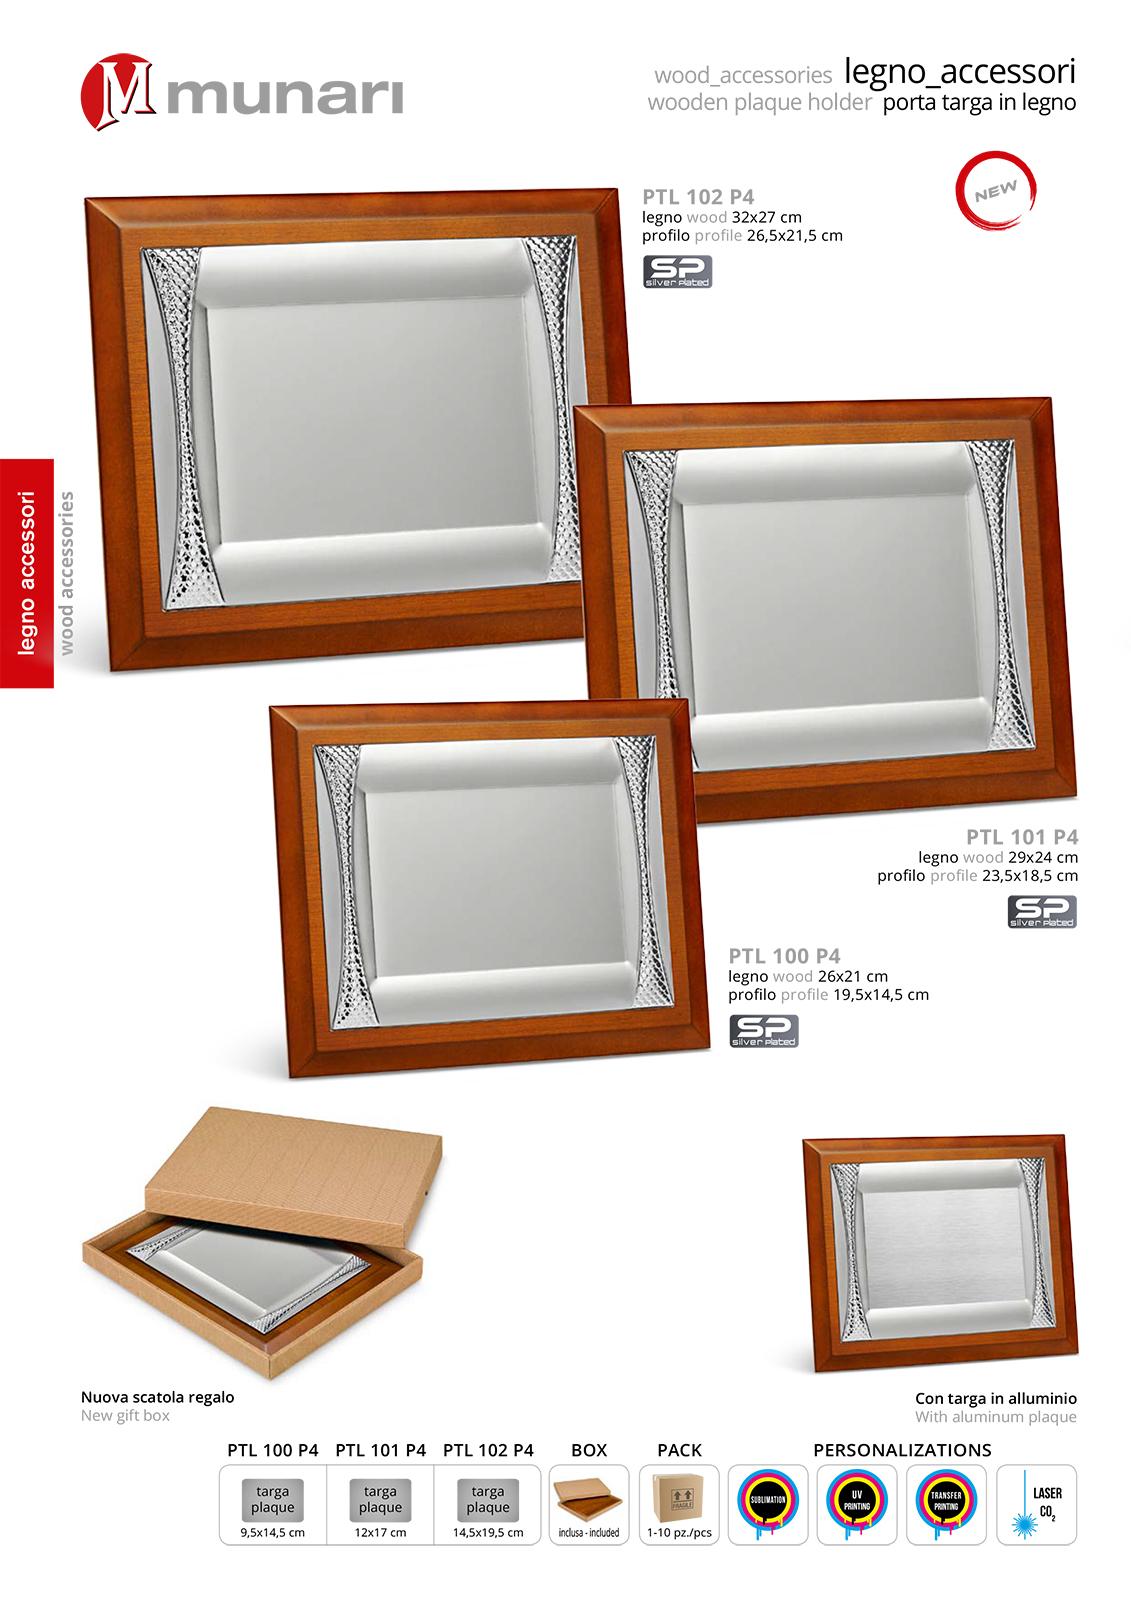 Porta targa in legno serie PTL 100 P4